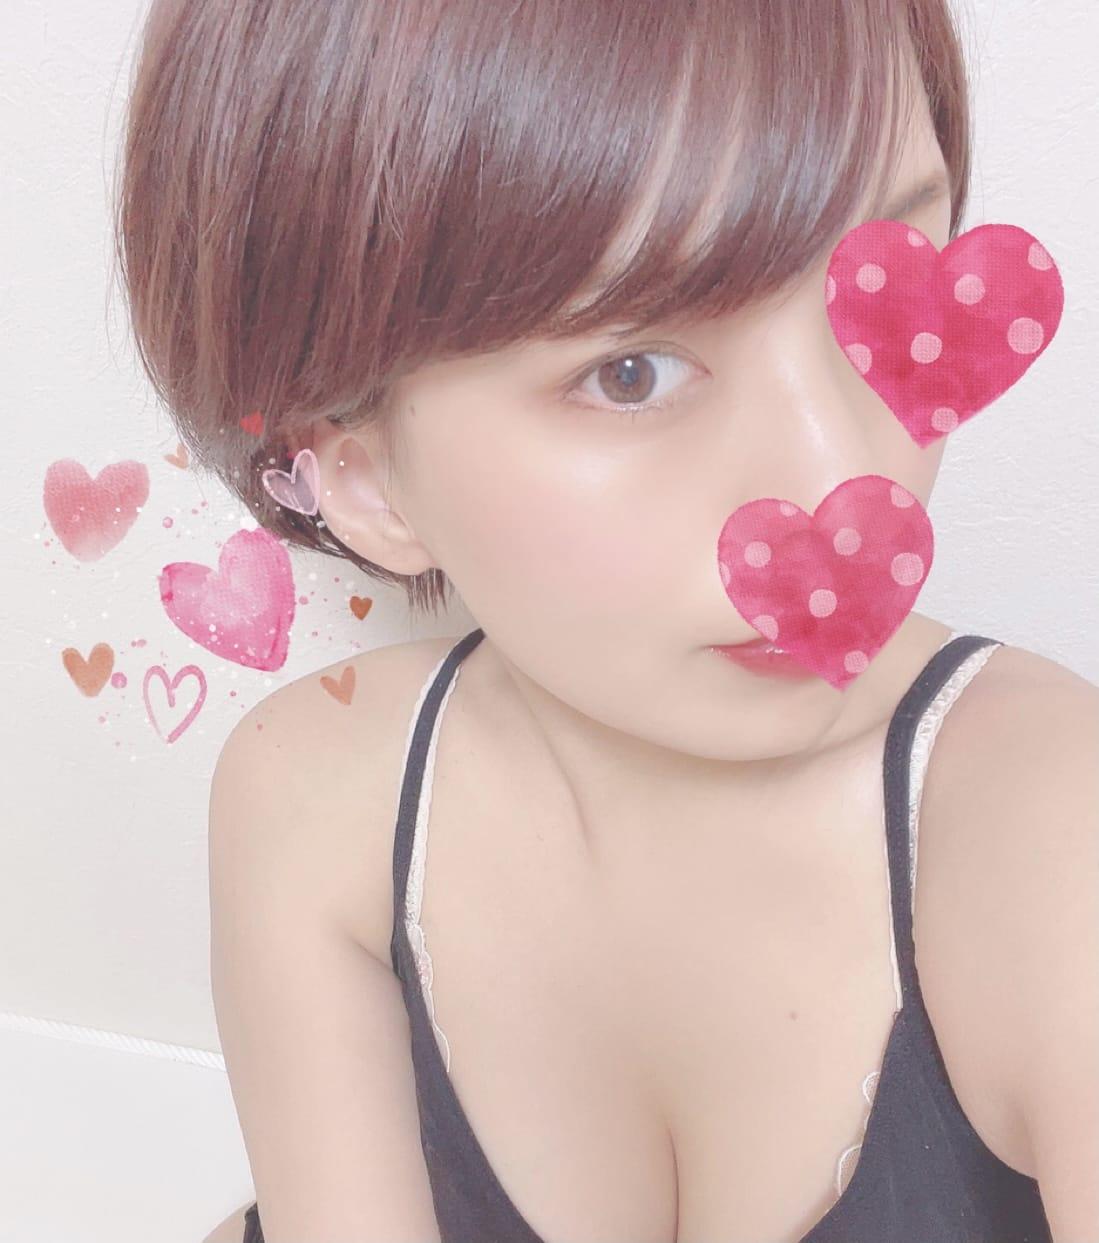 「休憩中❤」03/01(月) 18:37 | ハナ ☆S-rankの写メ日記